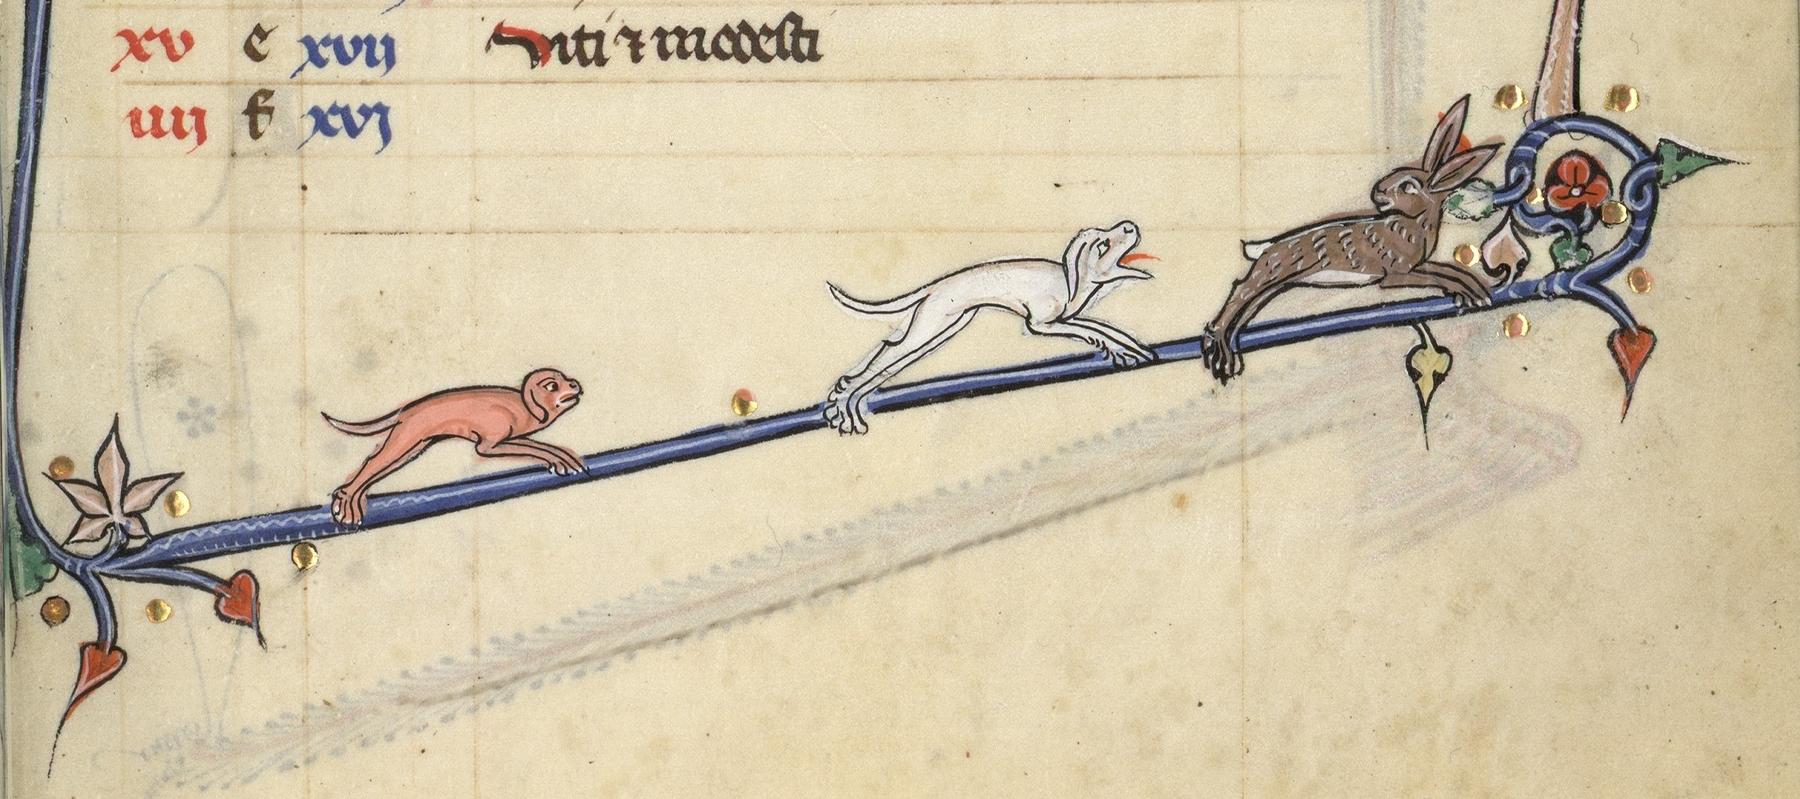 Contenu du Deux chiens chassent un lapin